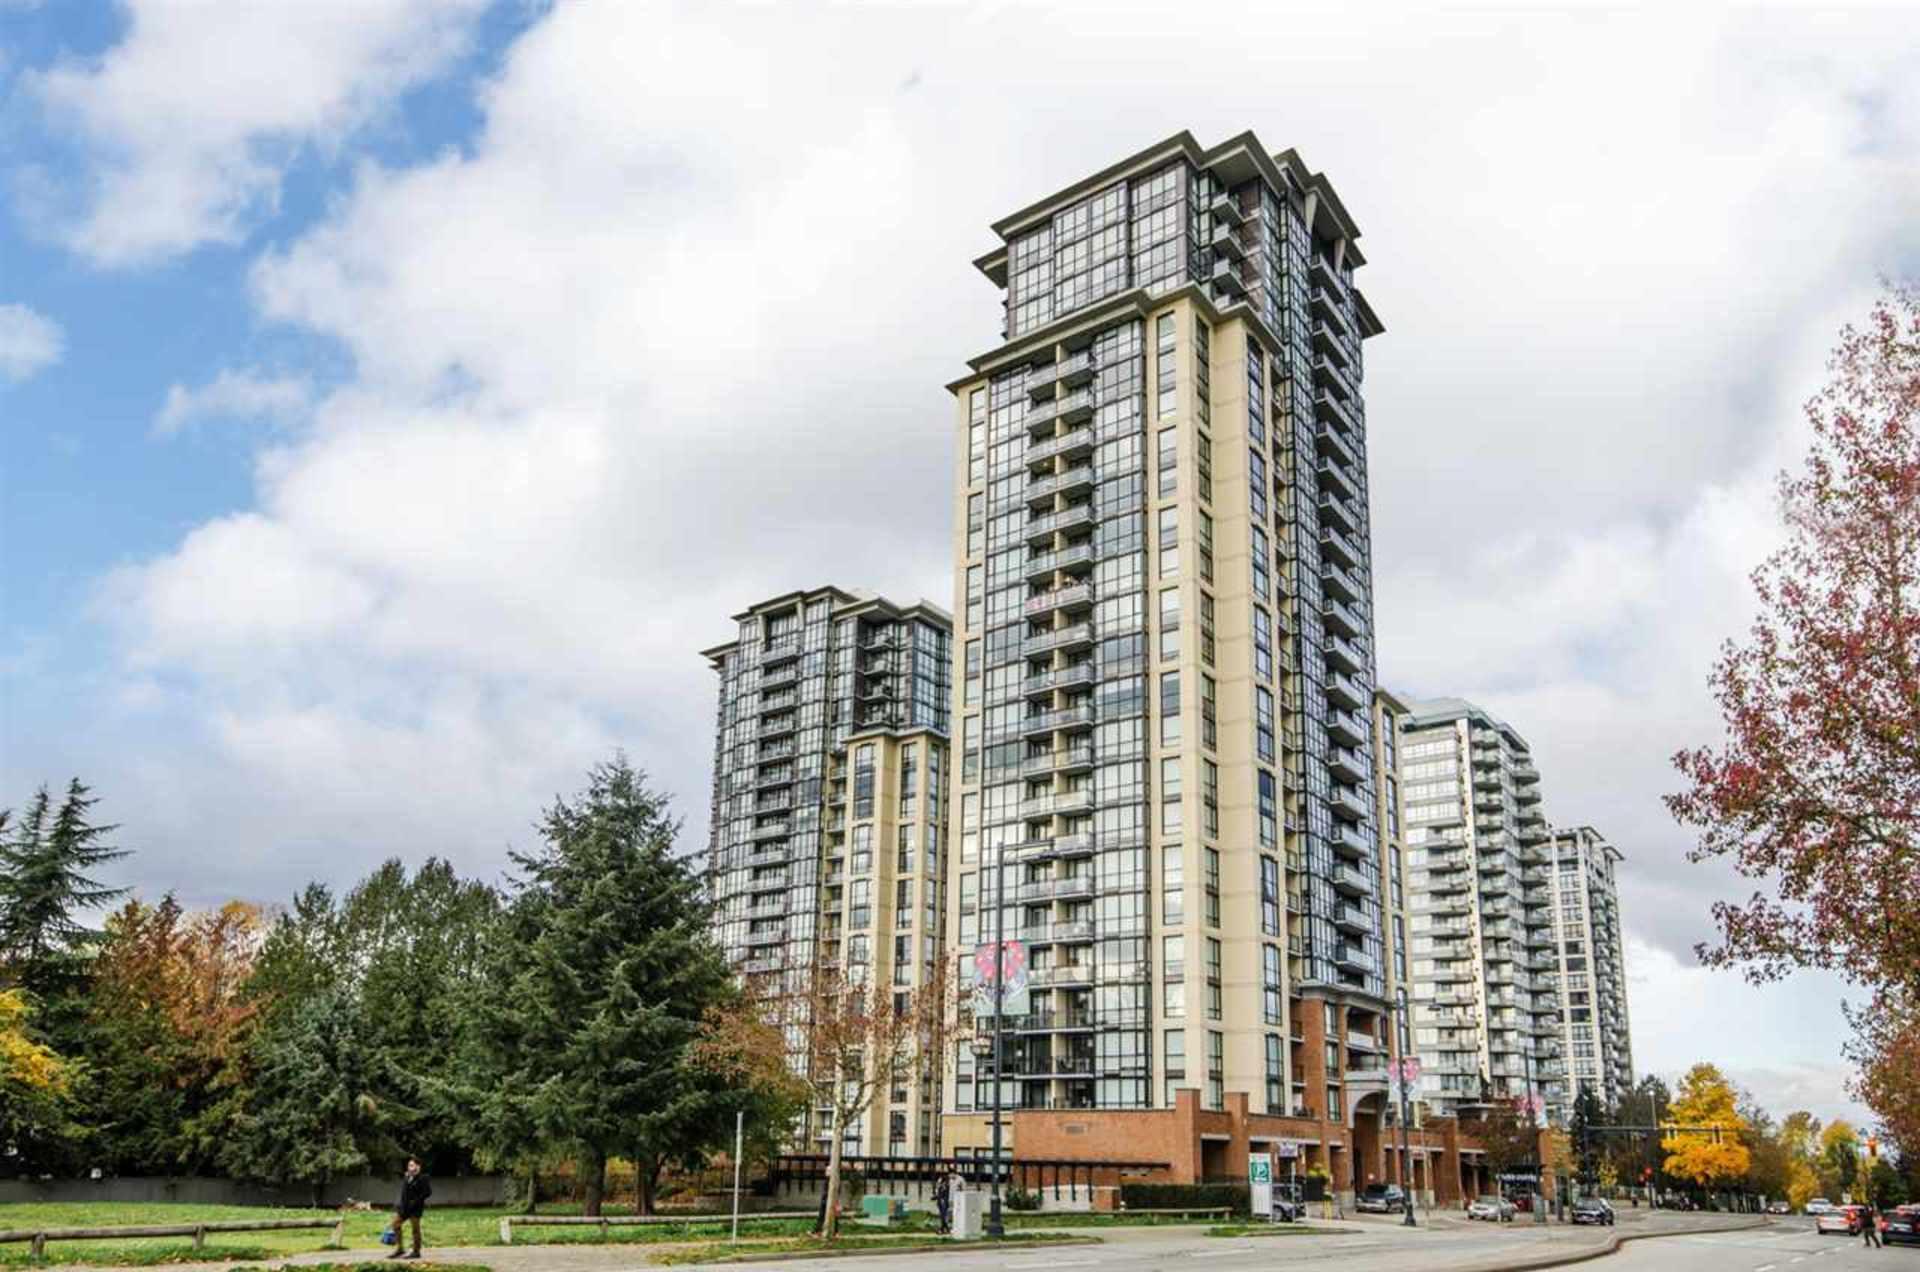 13380-108-avenue-whalley-north-surrey-01 at 1406 - 13380 108 Avenue, Whalley, North Surrey